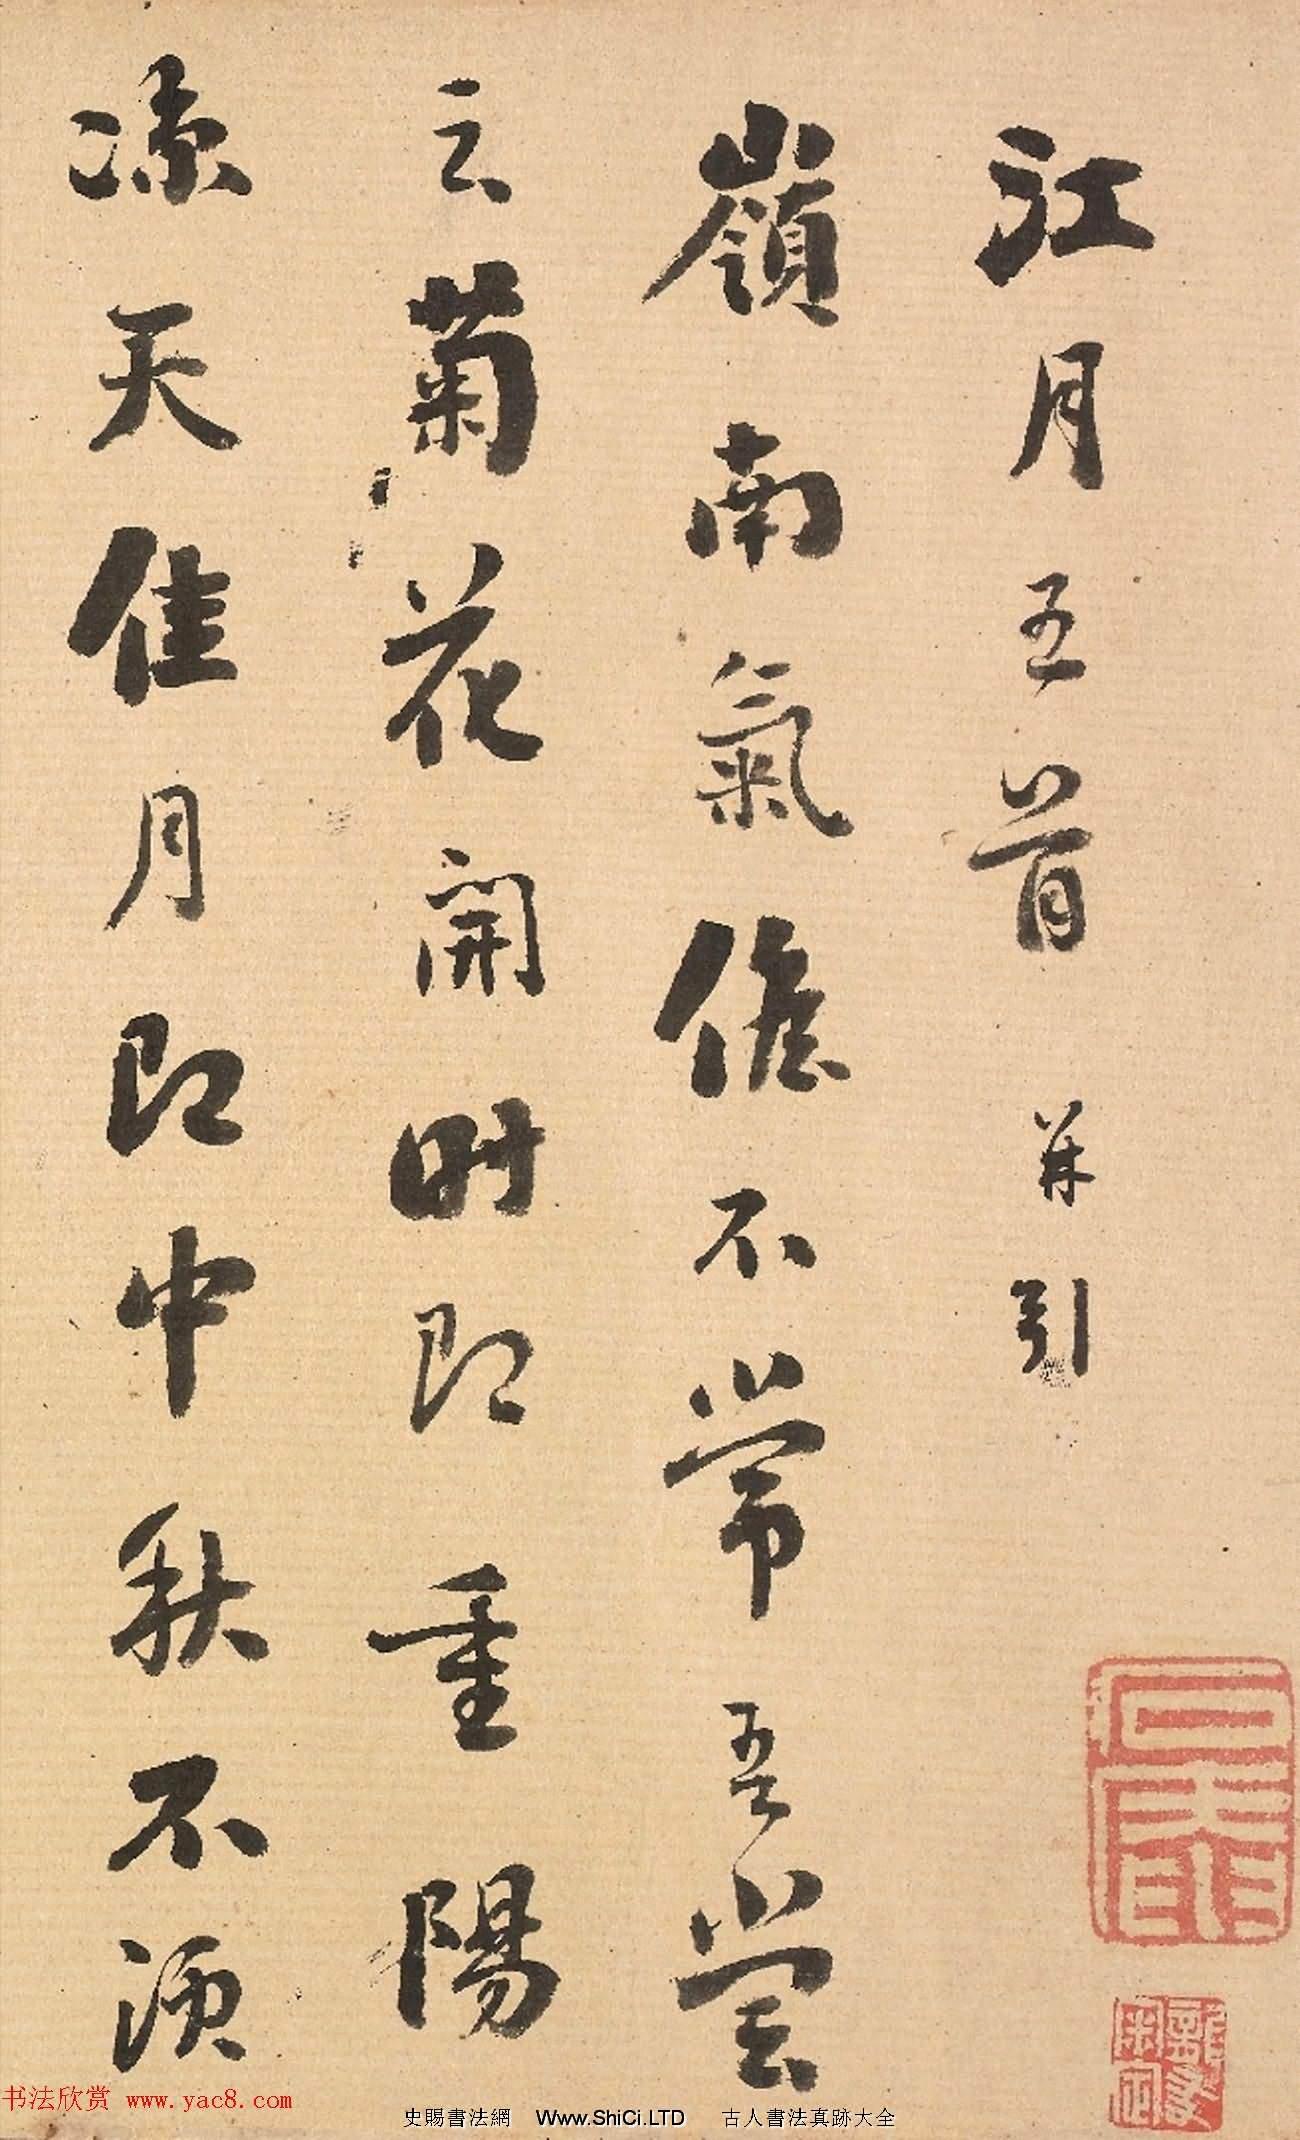 帖學大家劉墉行書《江月五首詩卷》(共10張圖片)